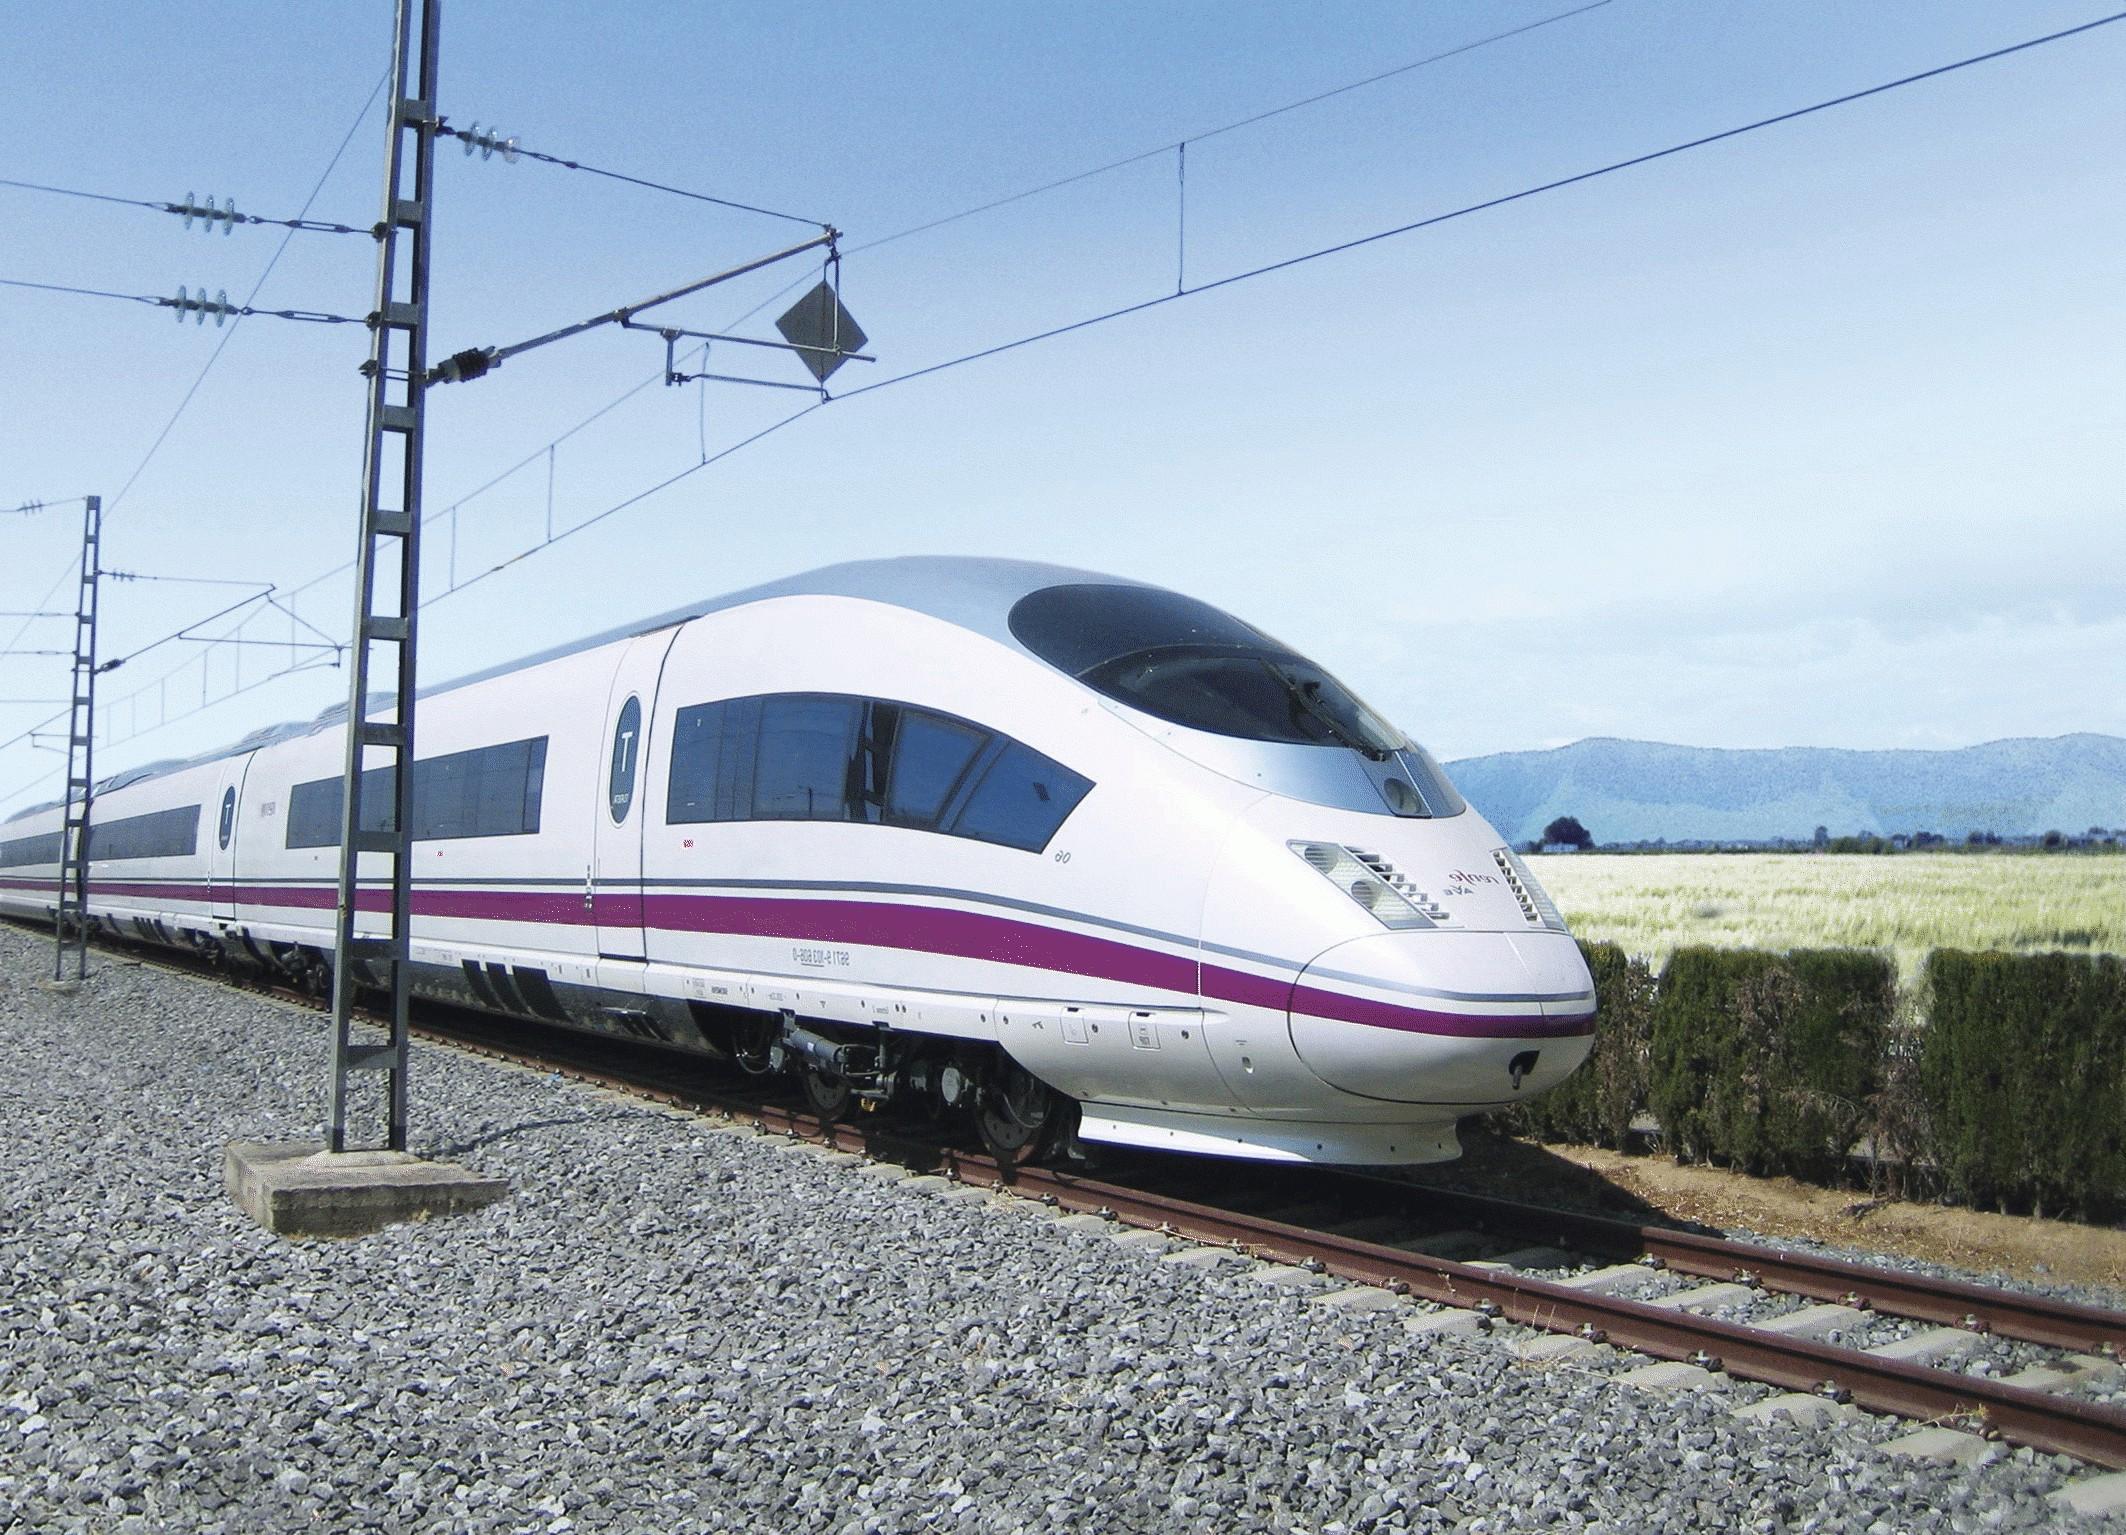 Este servicio ferroviario privado de Alta Velocidad competirá con Renfe en su trayecto entre Madrid y Barcelona.